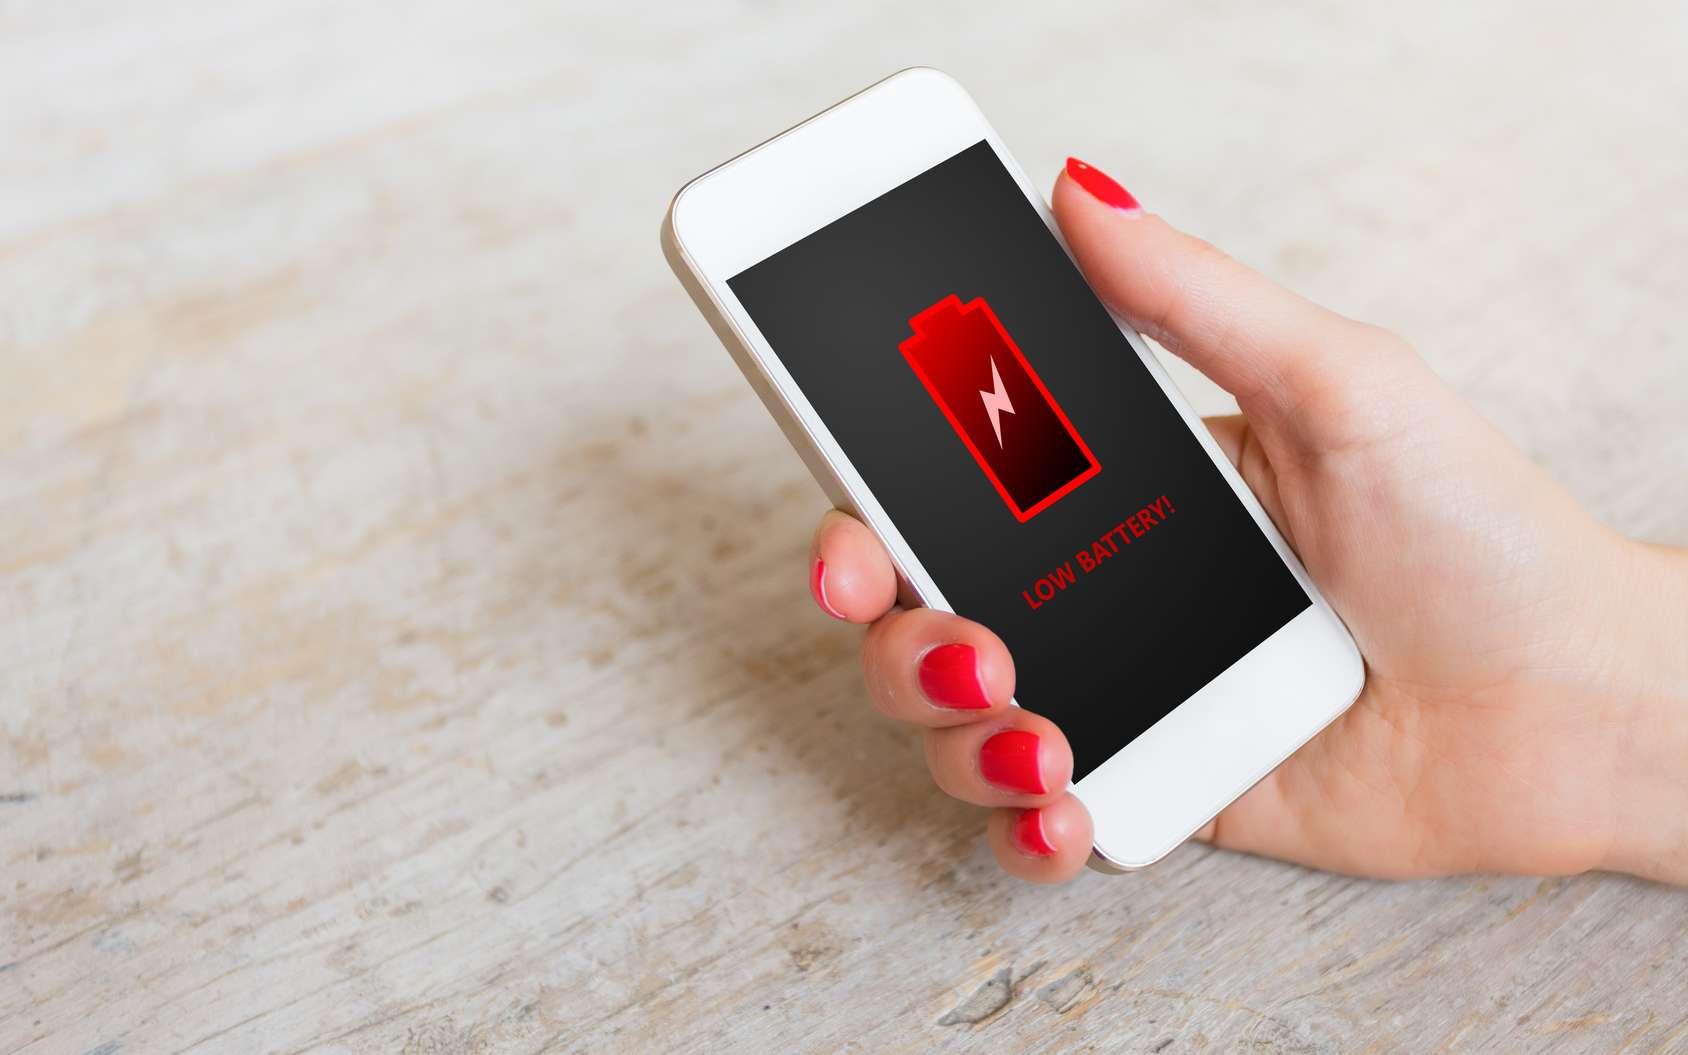 L'autonomie de la batterie est un véritable problème sur beaucoup de smartphones, et encore plus sur l'iPhone. © Kaspars Grinvalds, fotolia